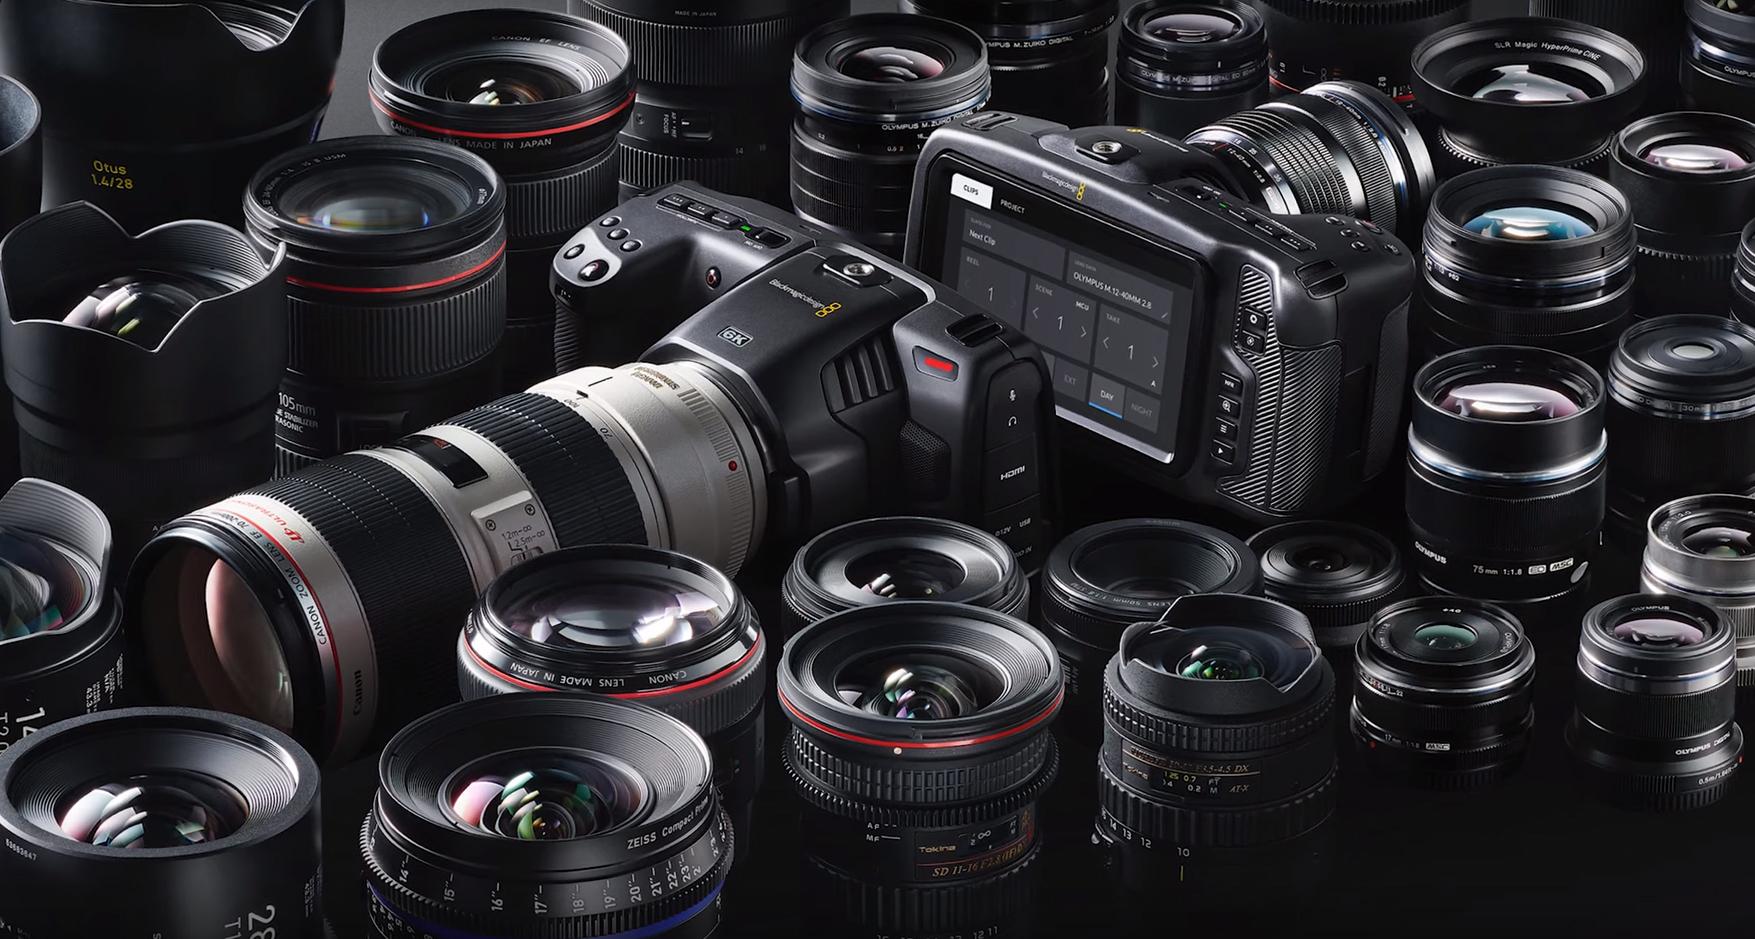 Buy Blackmagic Design Pocket 6k Cinema Camera 6k Body Only Ef Mount Super 35 Size 6144 X 3456 Image Sensor